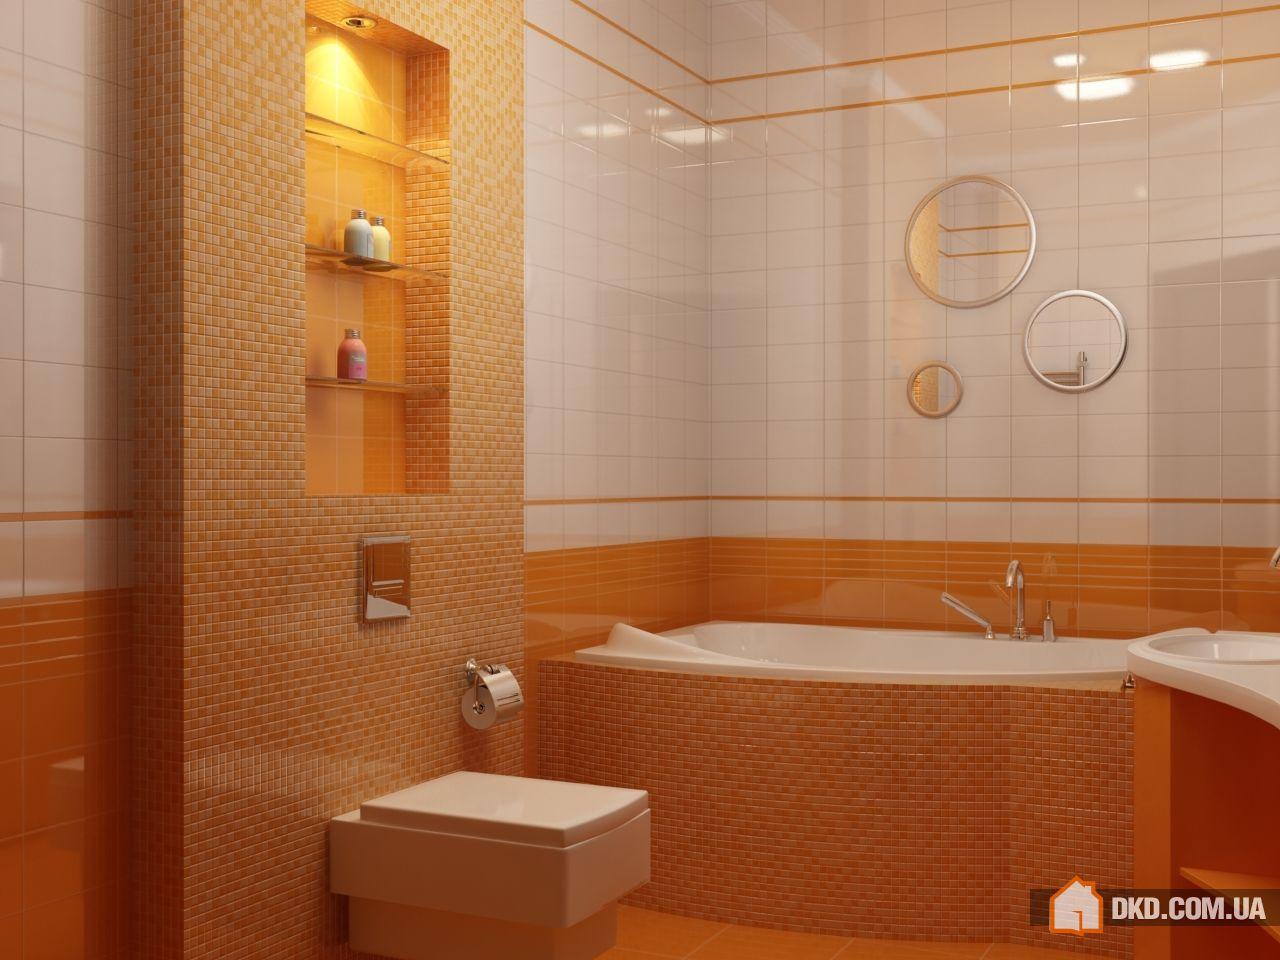 Ванная комната с нишей дизайн